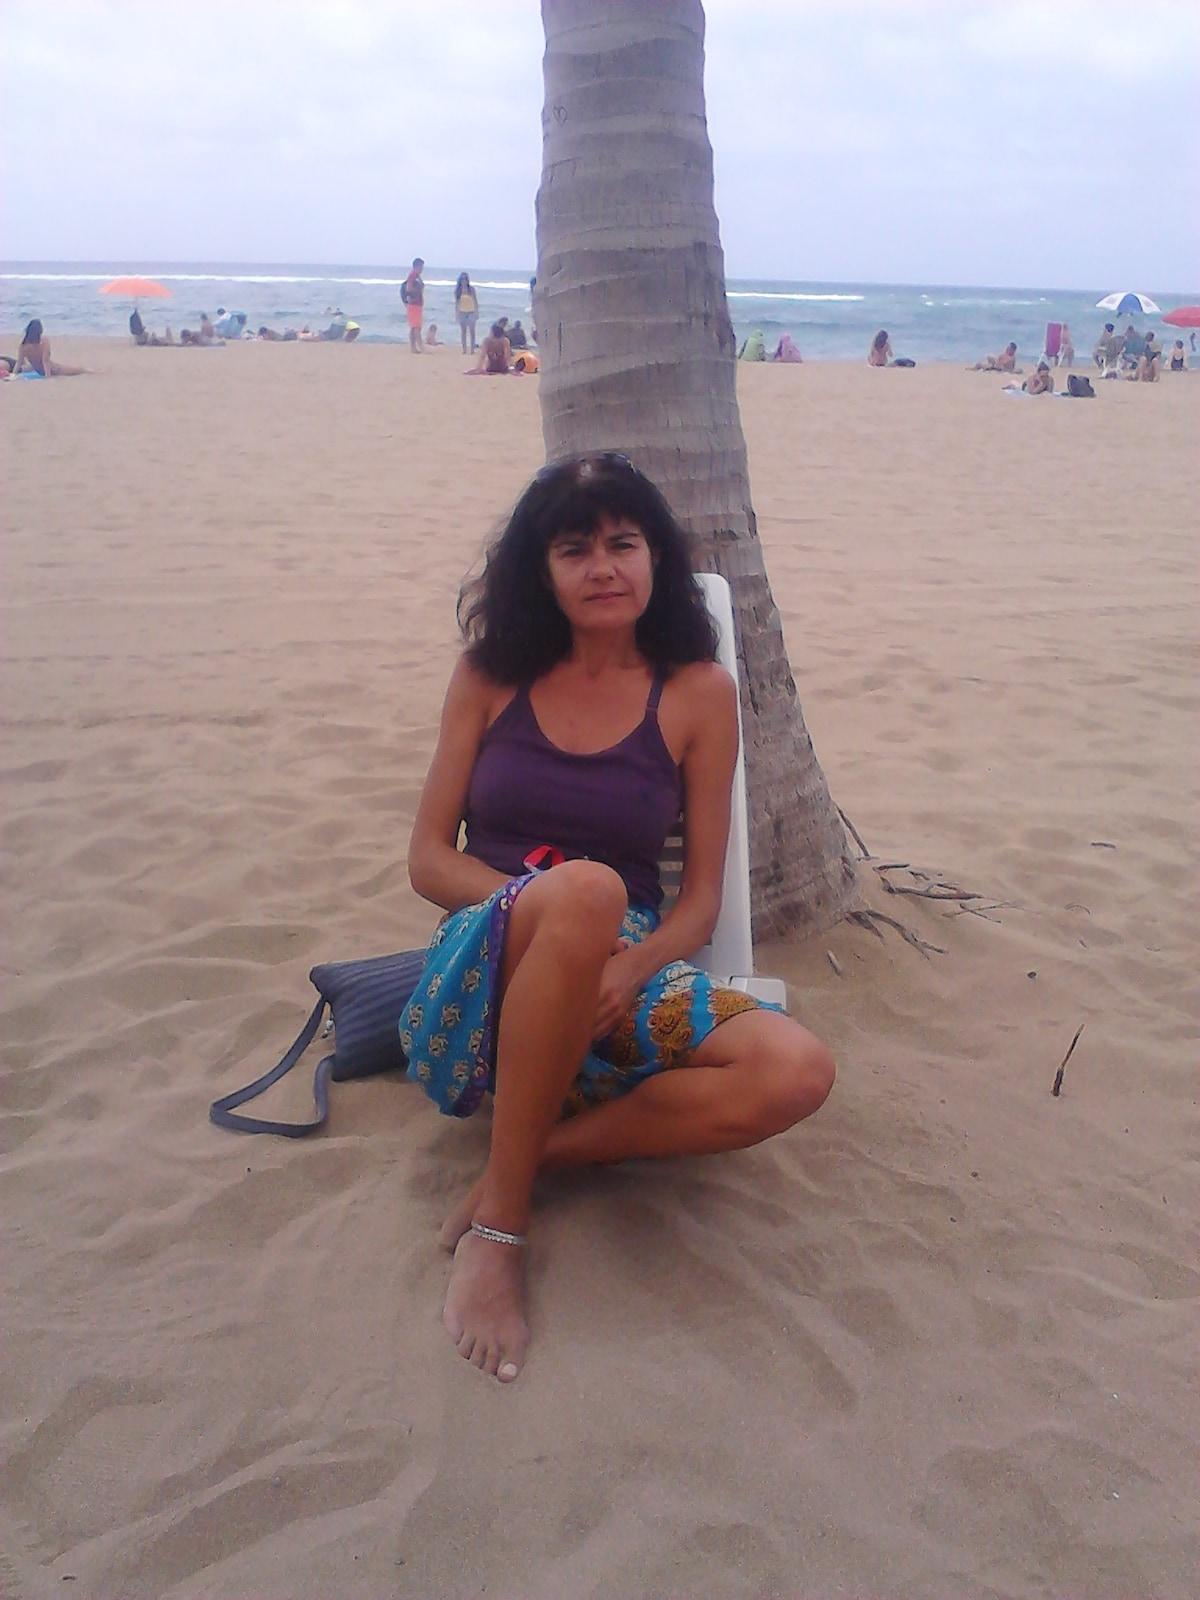 Amparo from Palmas de Gran Canaria